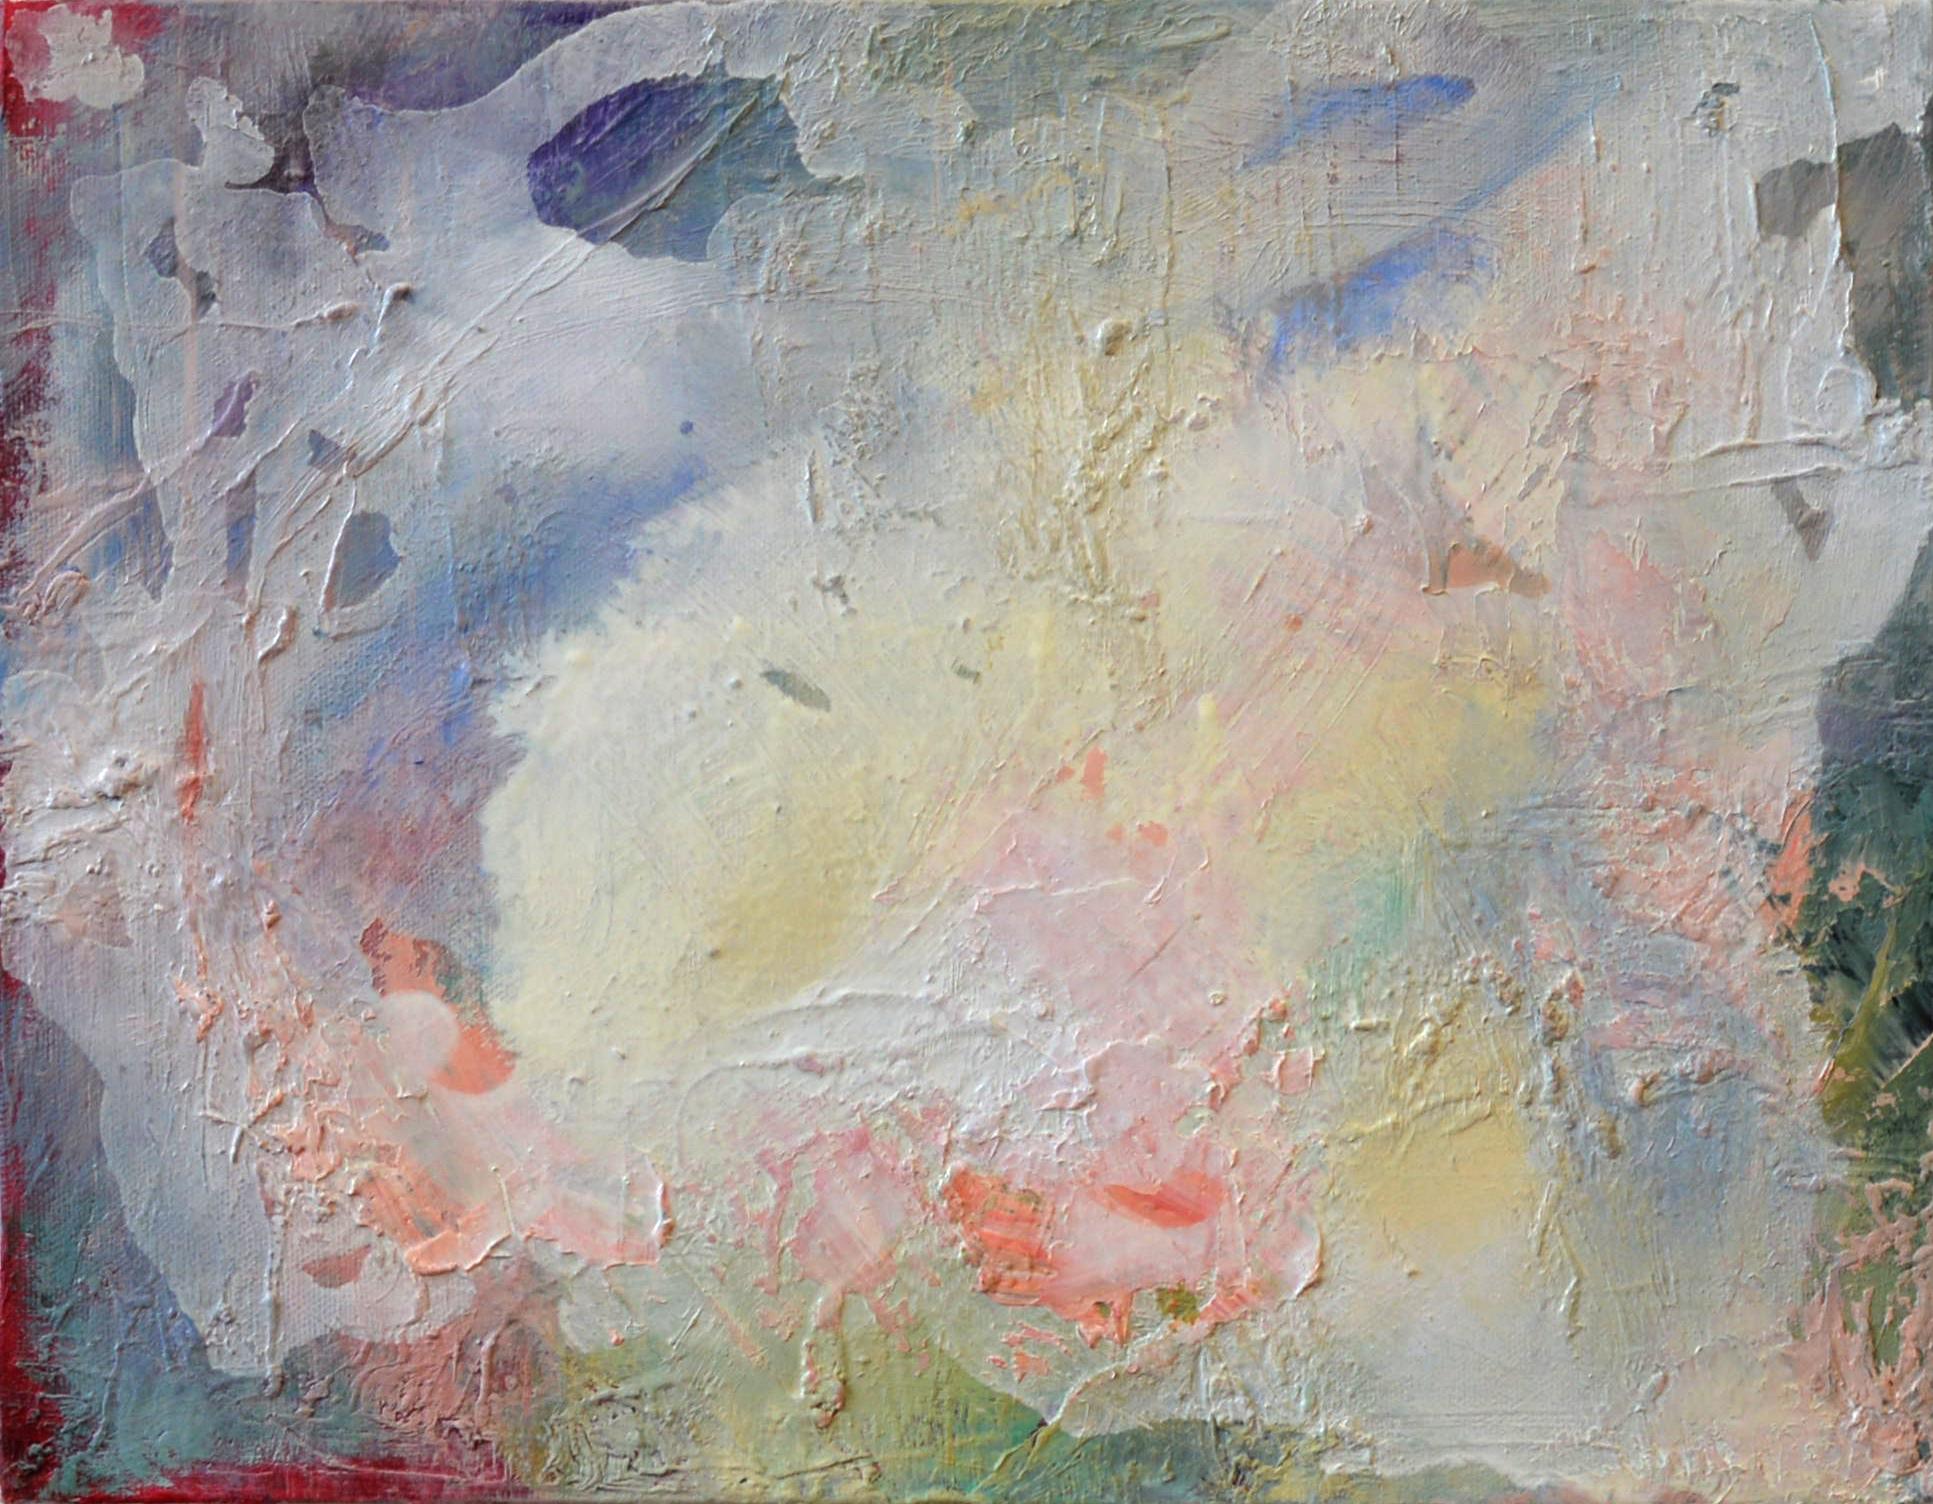 Studio Experiment No. 345120